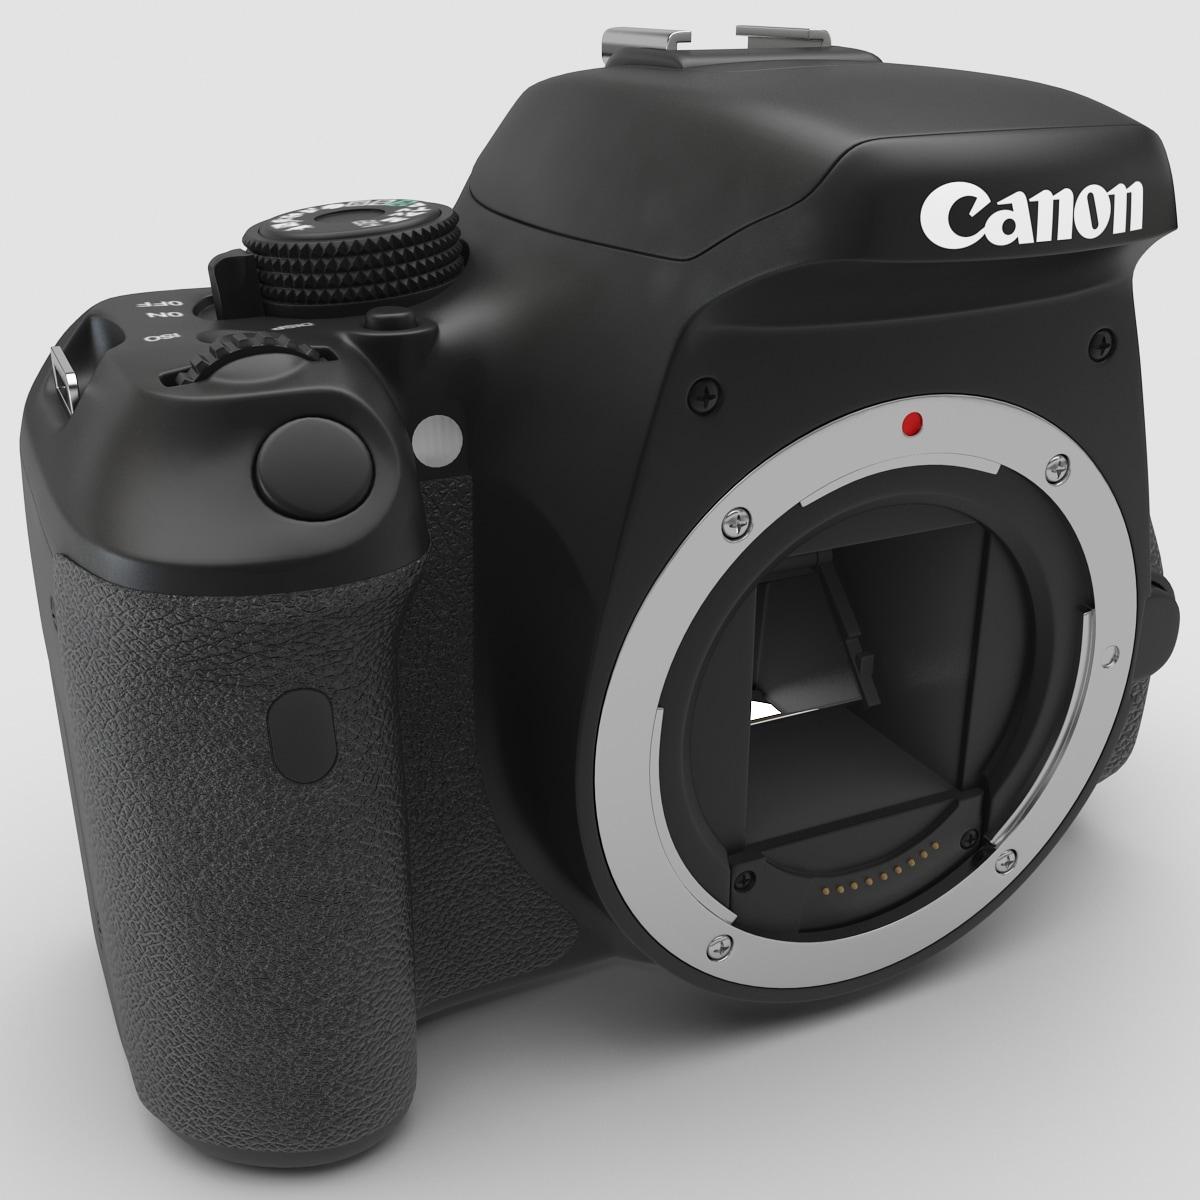 Canon_EOS_600D_Body_002.jpg